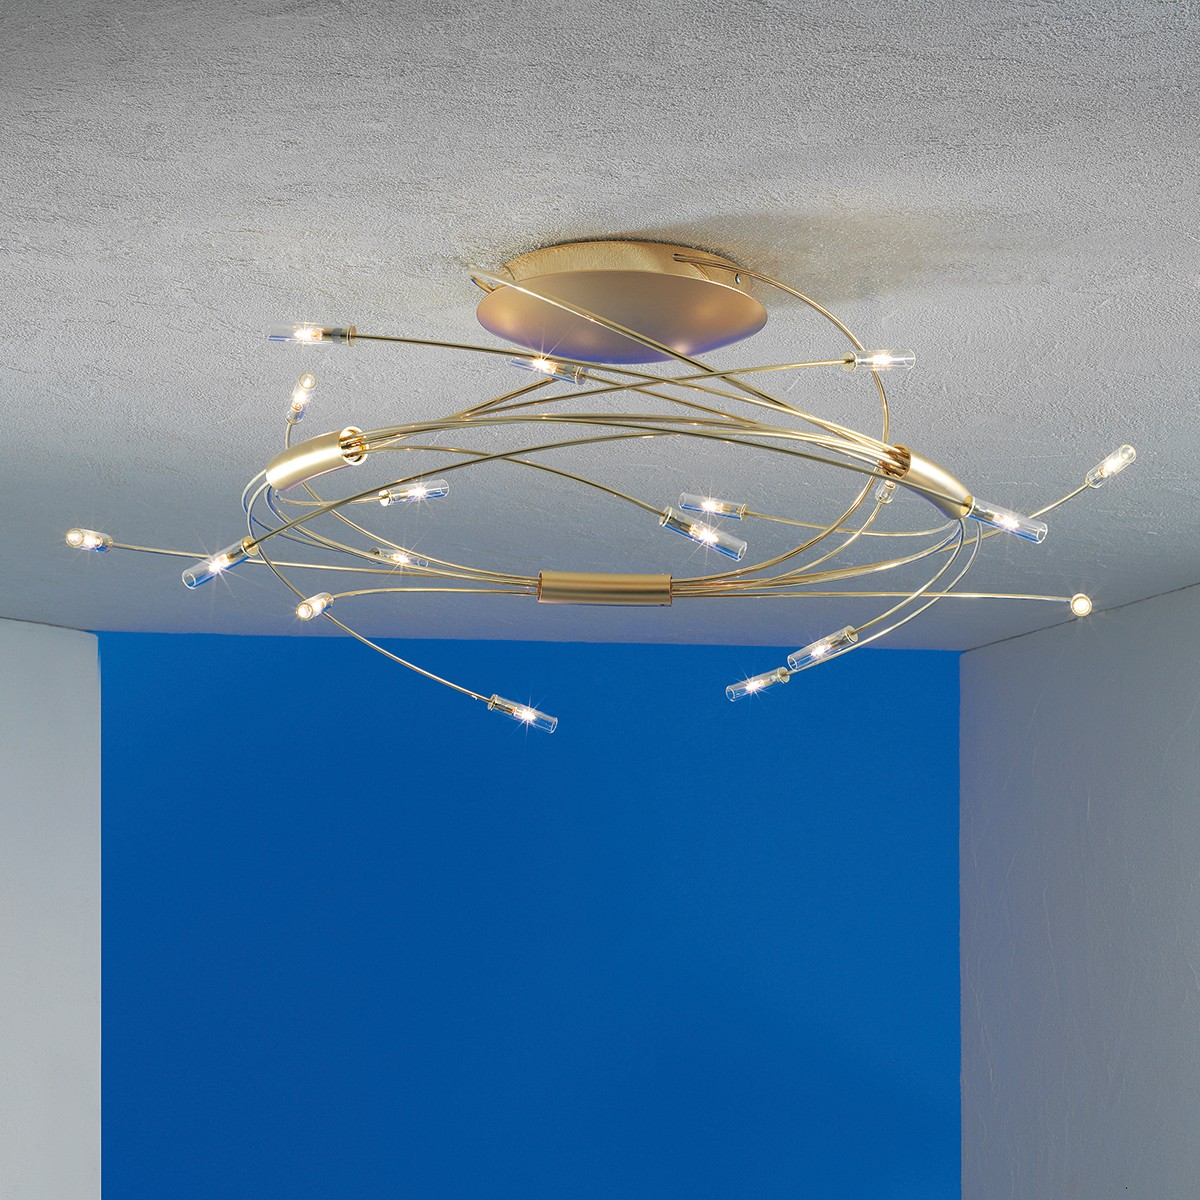 Escale Spin Deckenleuchte, vergoldet, 9-flg.